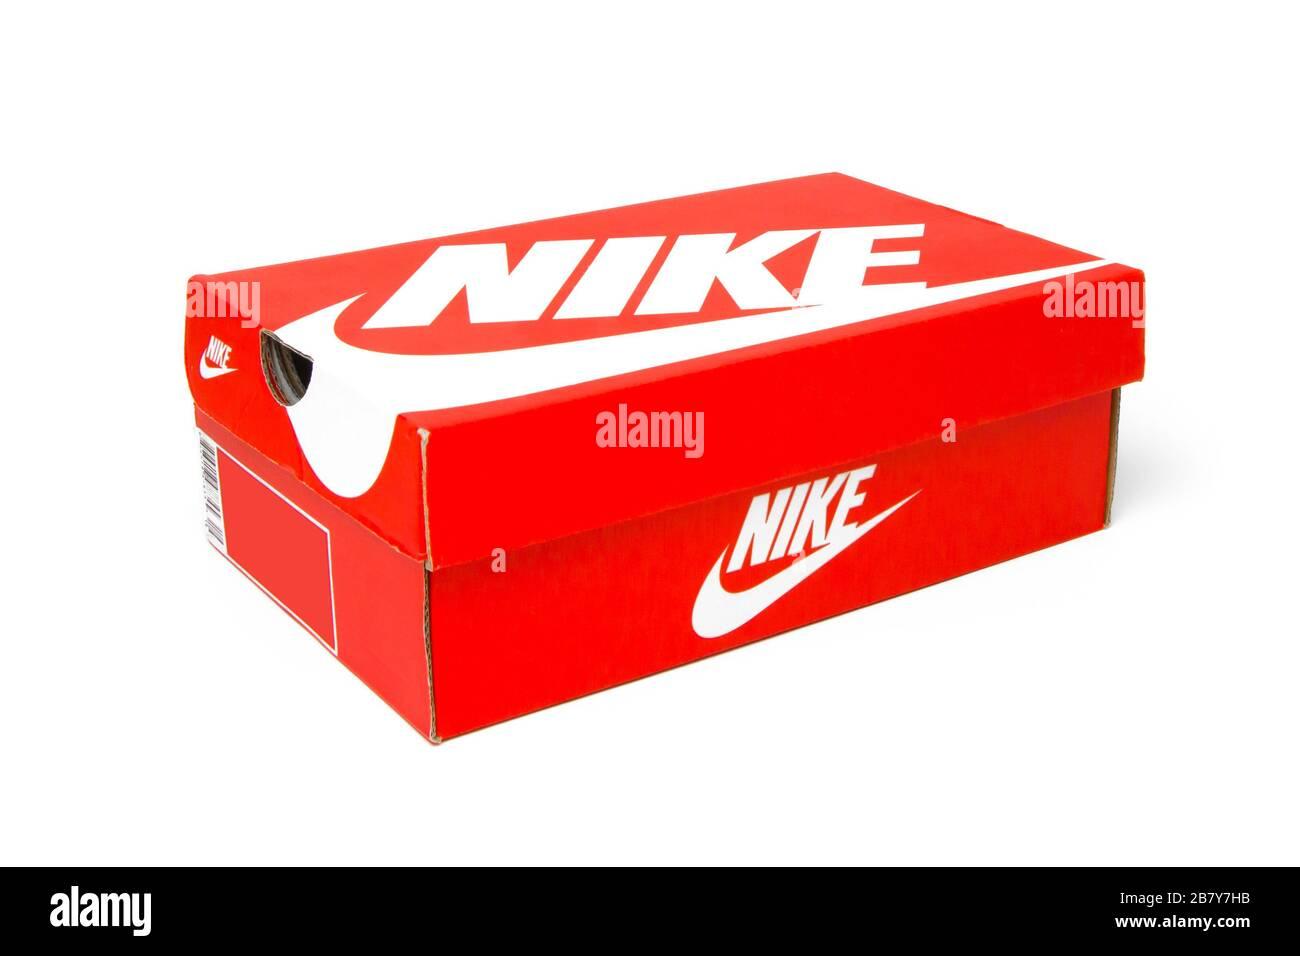 La boîte à chaussures Nike est isolée sur un fond blanc. Boîte ...